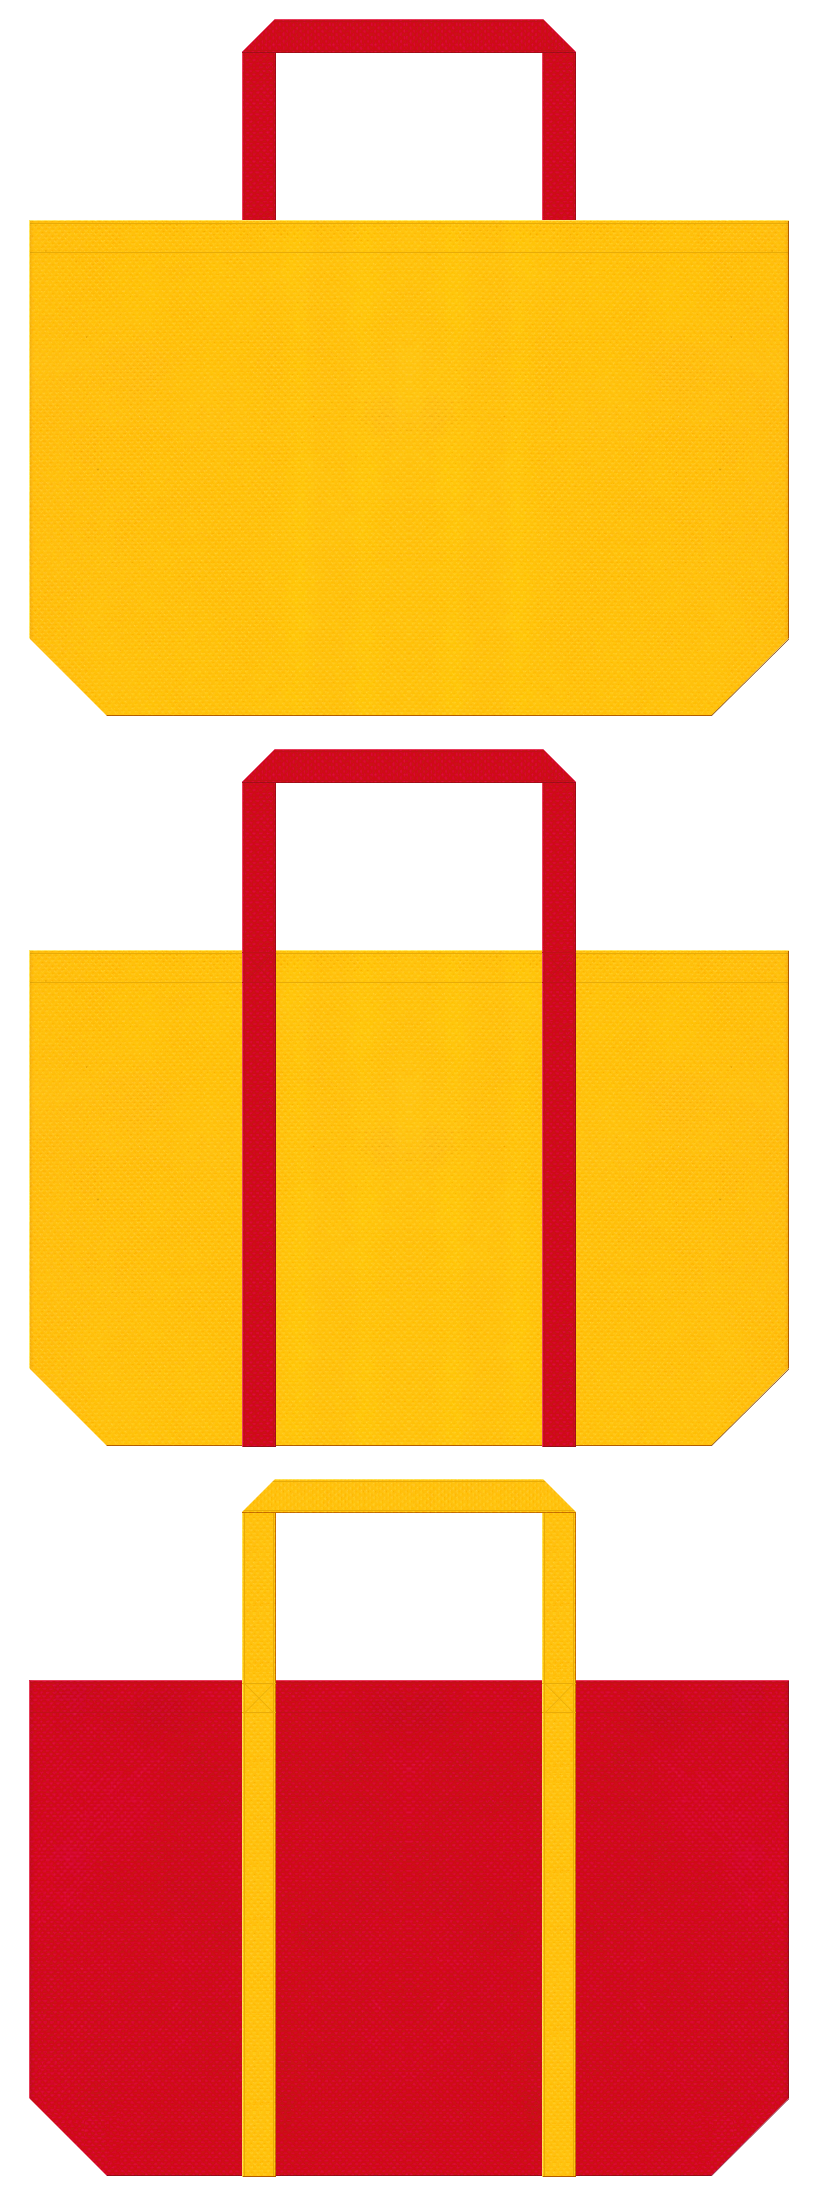 黄色と紅色の不織布バッグデザイン。遊園地・ゲーム・おもちゃのショッピングバッグにお奨めです。